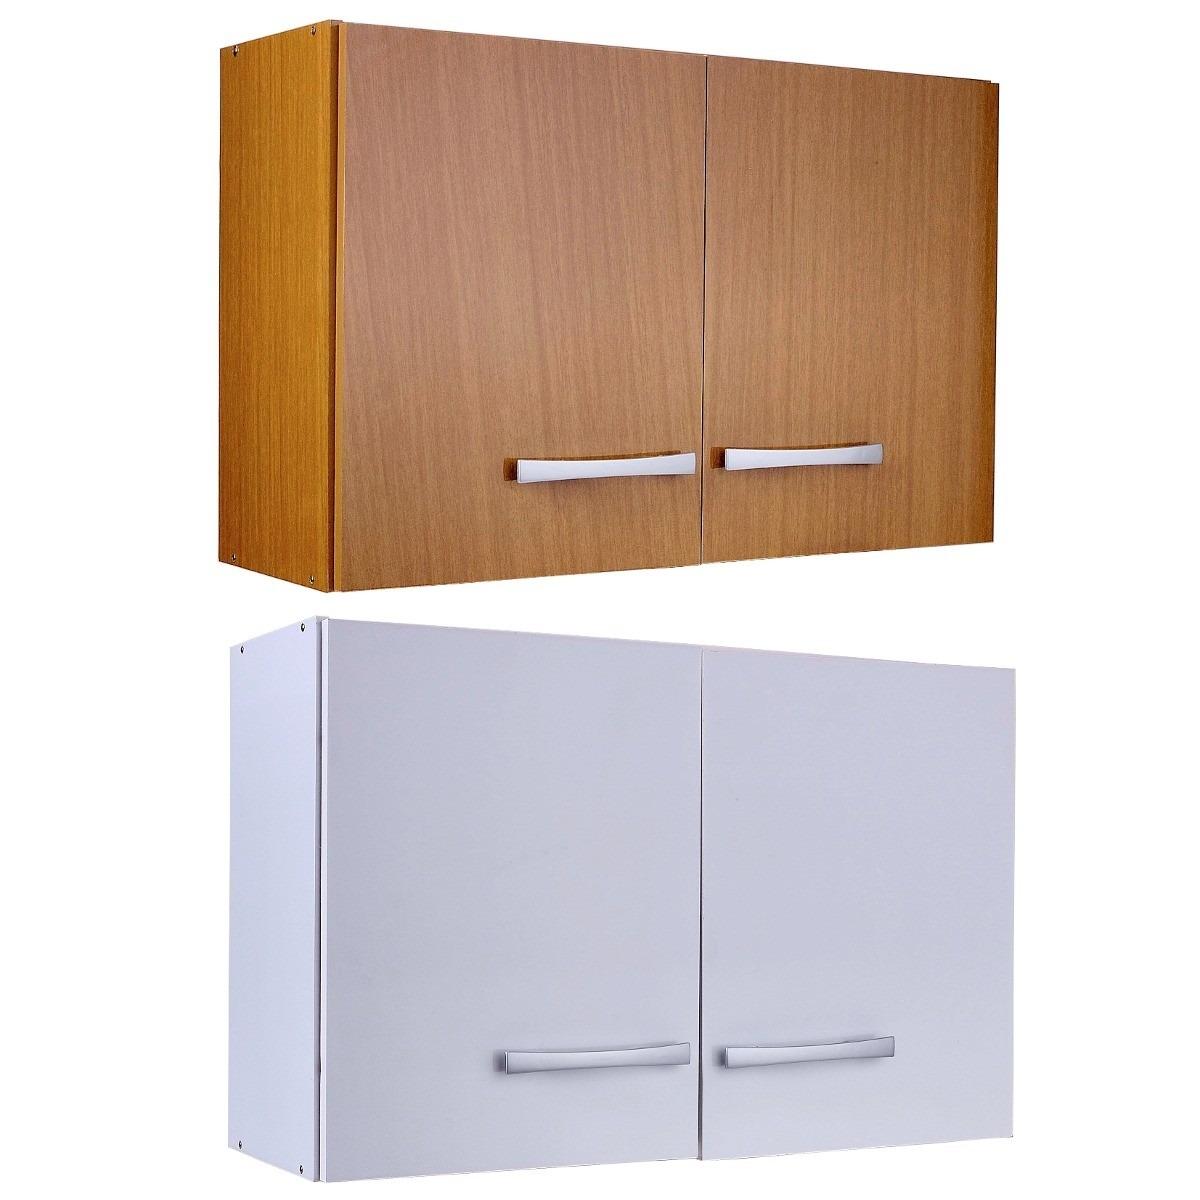 Aereo 2 puertas con estante calidad superior armado gratis for Muebles madera montevideo